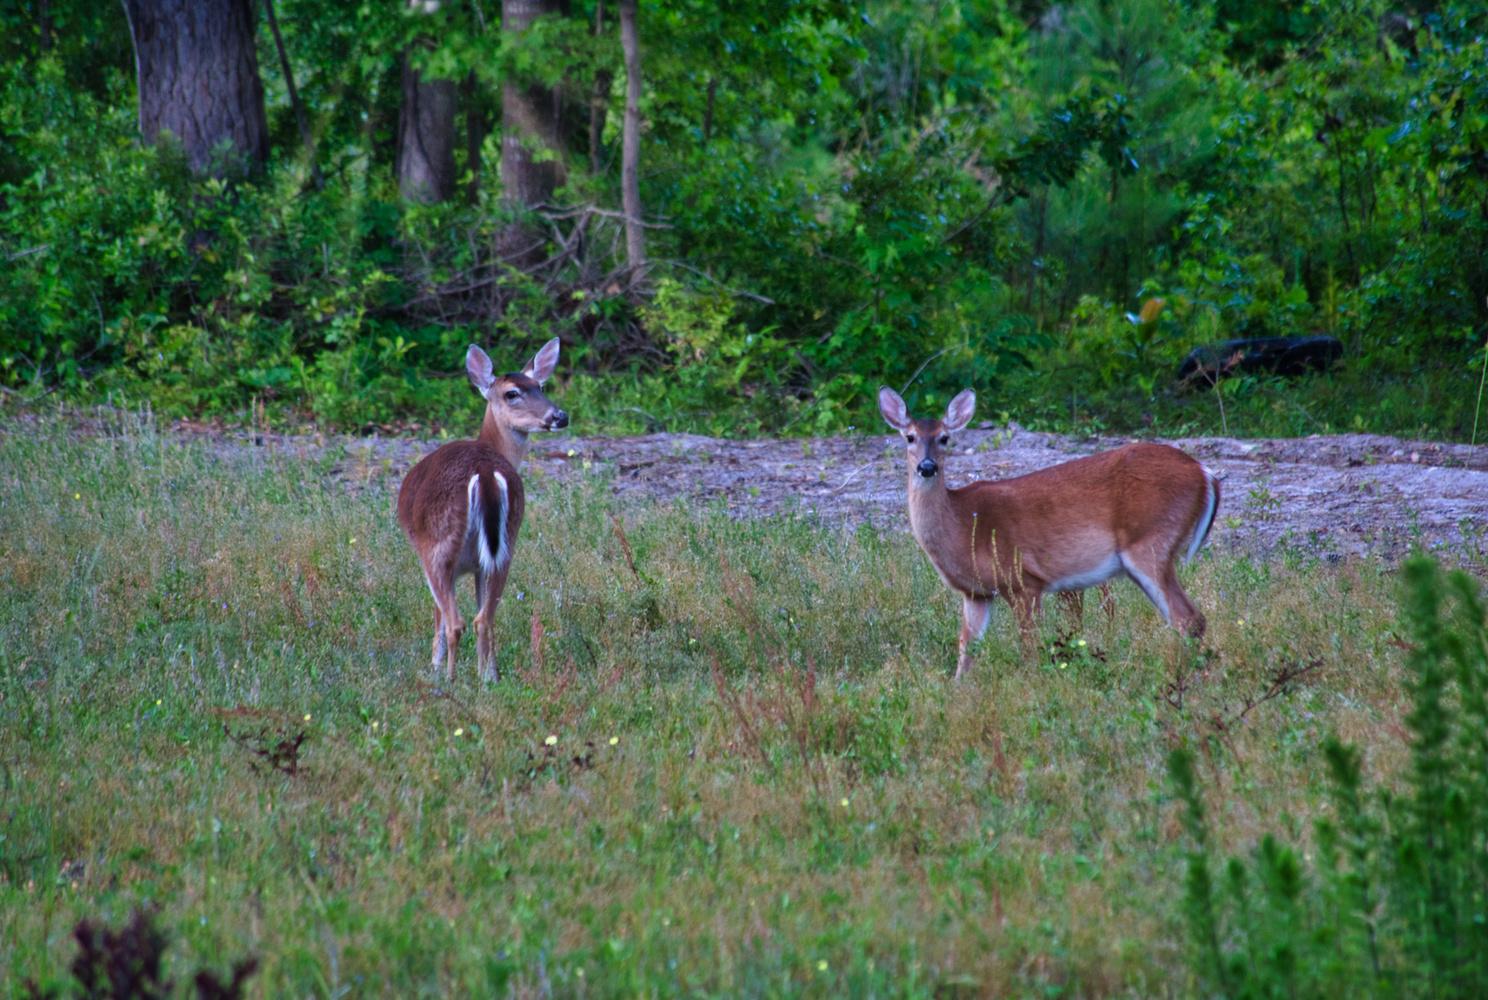 Deer in the field by Wheeler McGowan